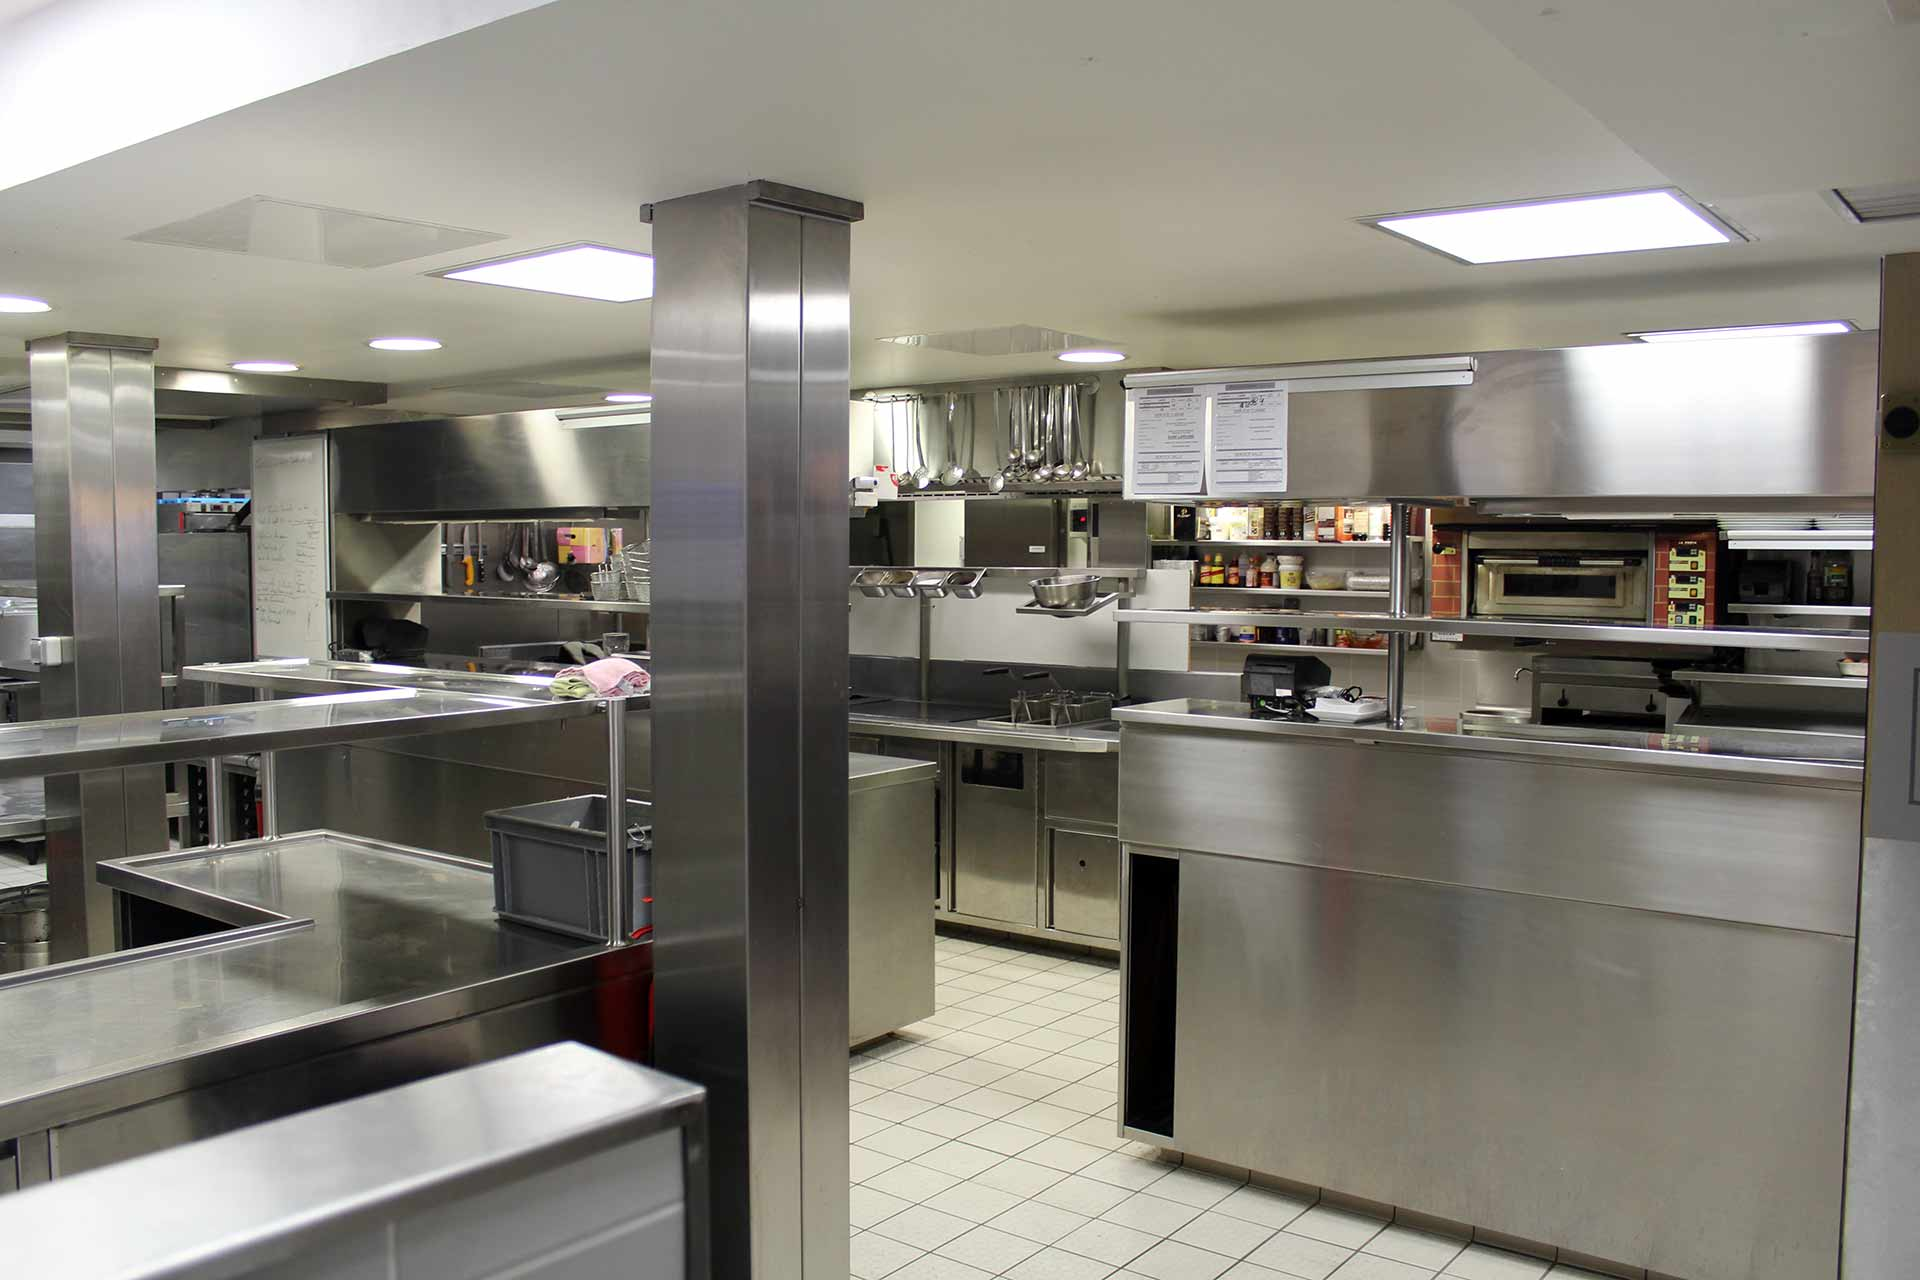 concevoir sa cuisine concevoir sa cuisine avec cuisine plus appealing comment concevoir sa. Black Bedroom Furniture Sets. Home Design Ideas